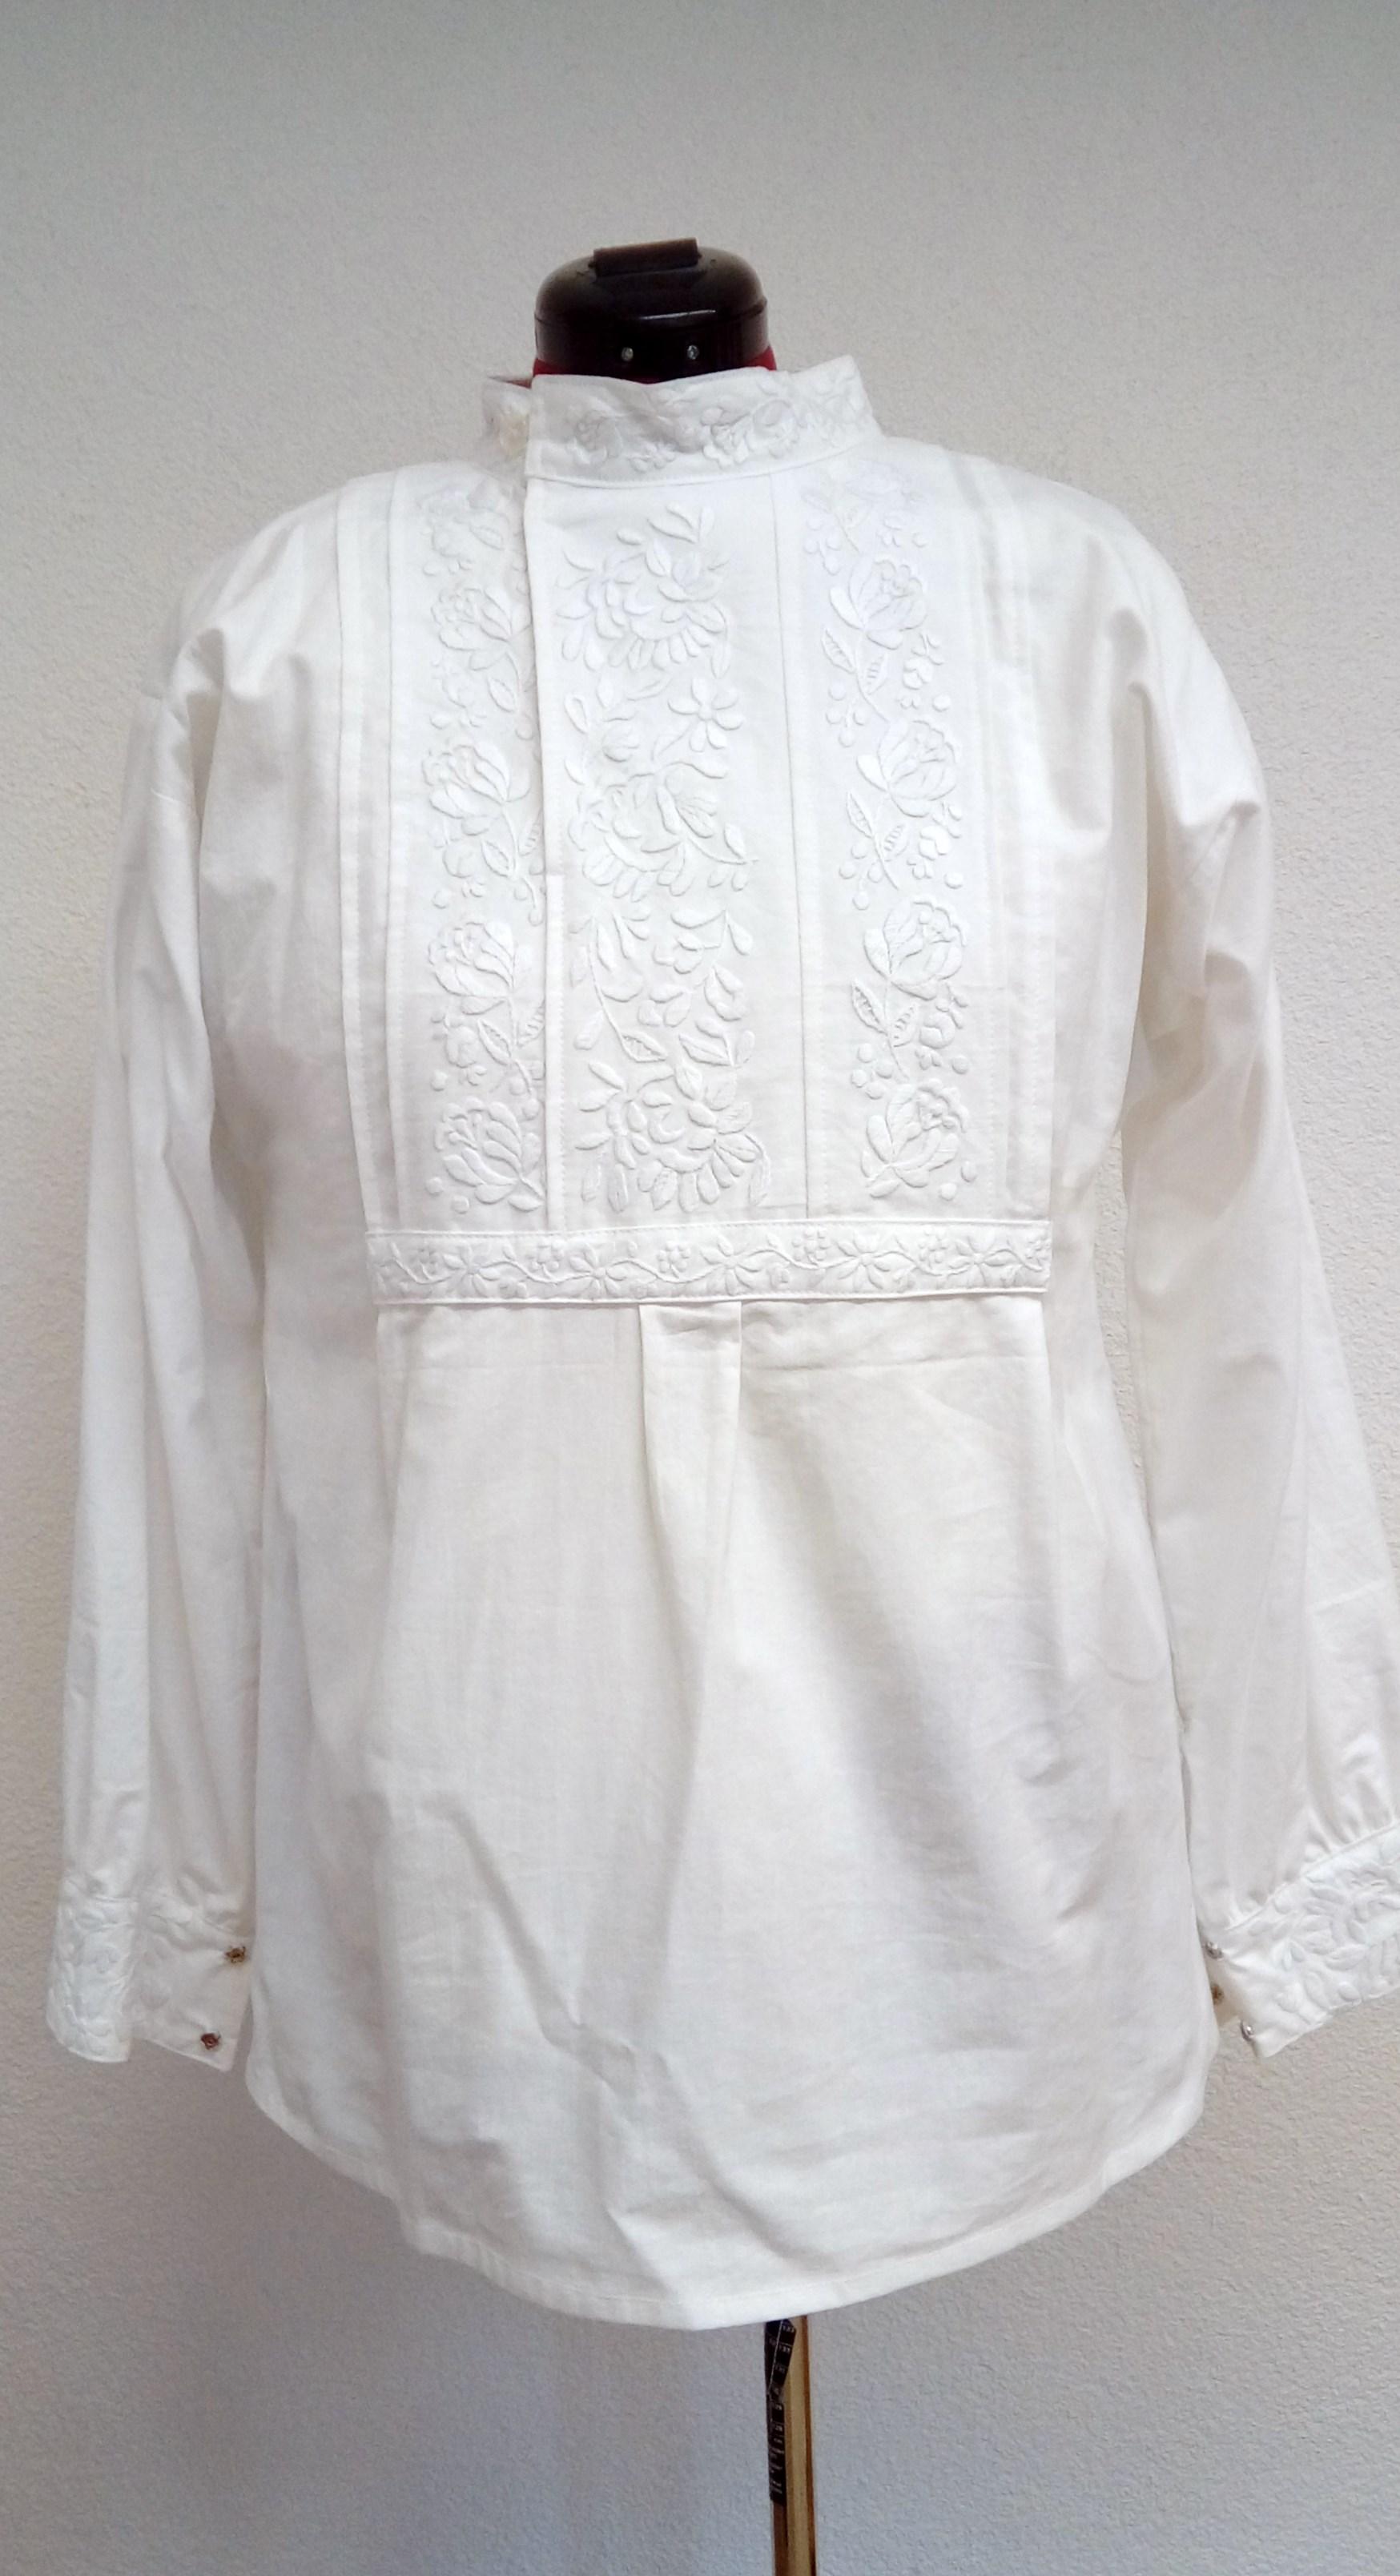 83ec9b5b0 Mužská ručne vyšívaná dlhá košeľa – starodávny detviansky vzor – biela  výšivka